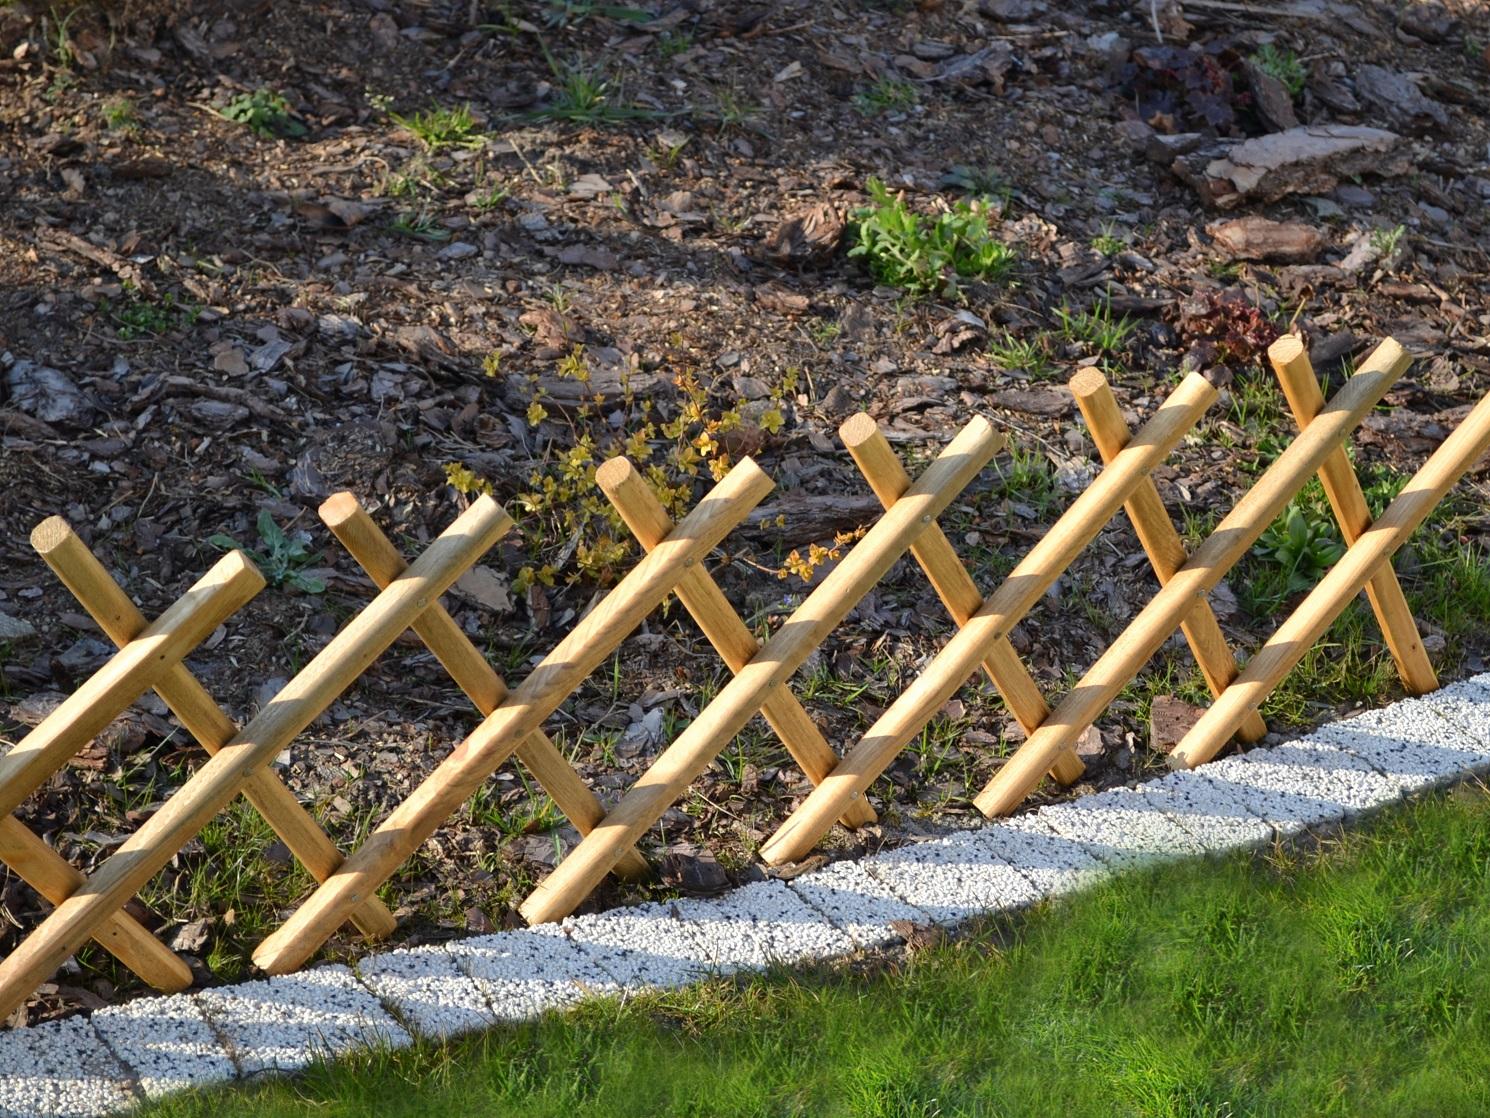 Steck Zaun aus Holz Garten Zaun Beetumrandung 100 cm Einfassung